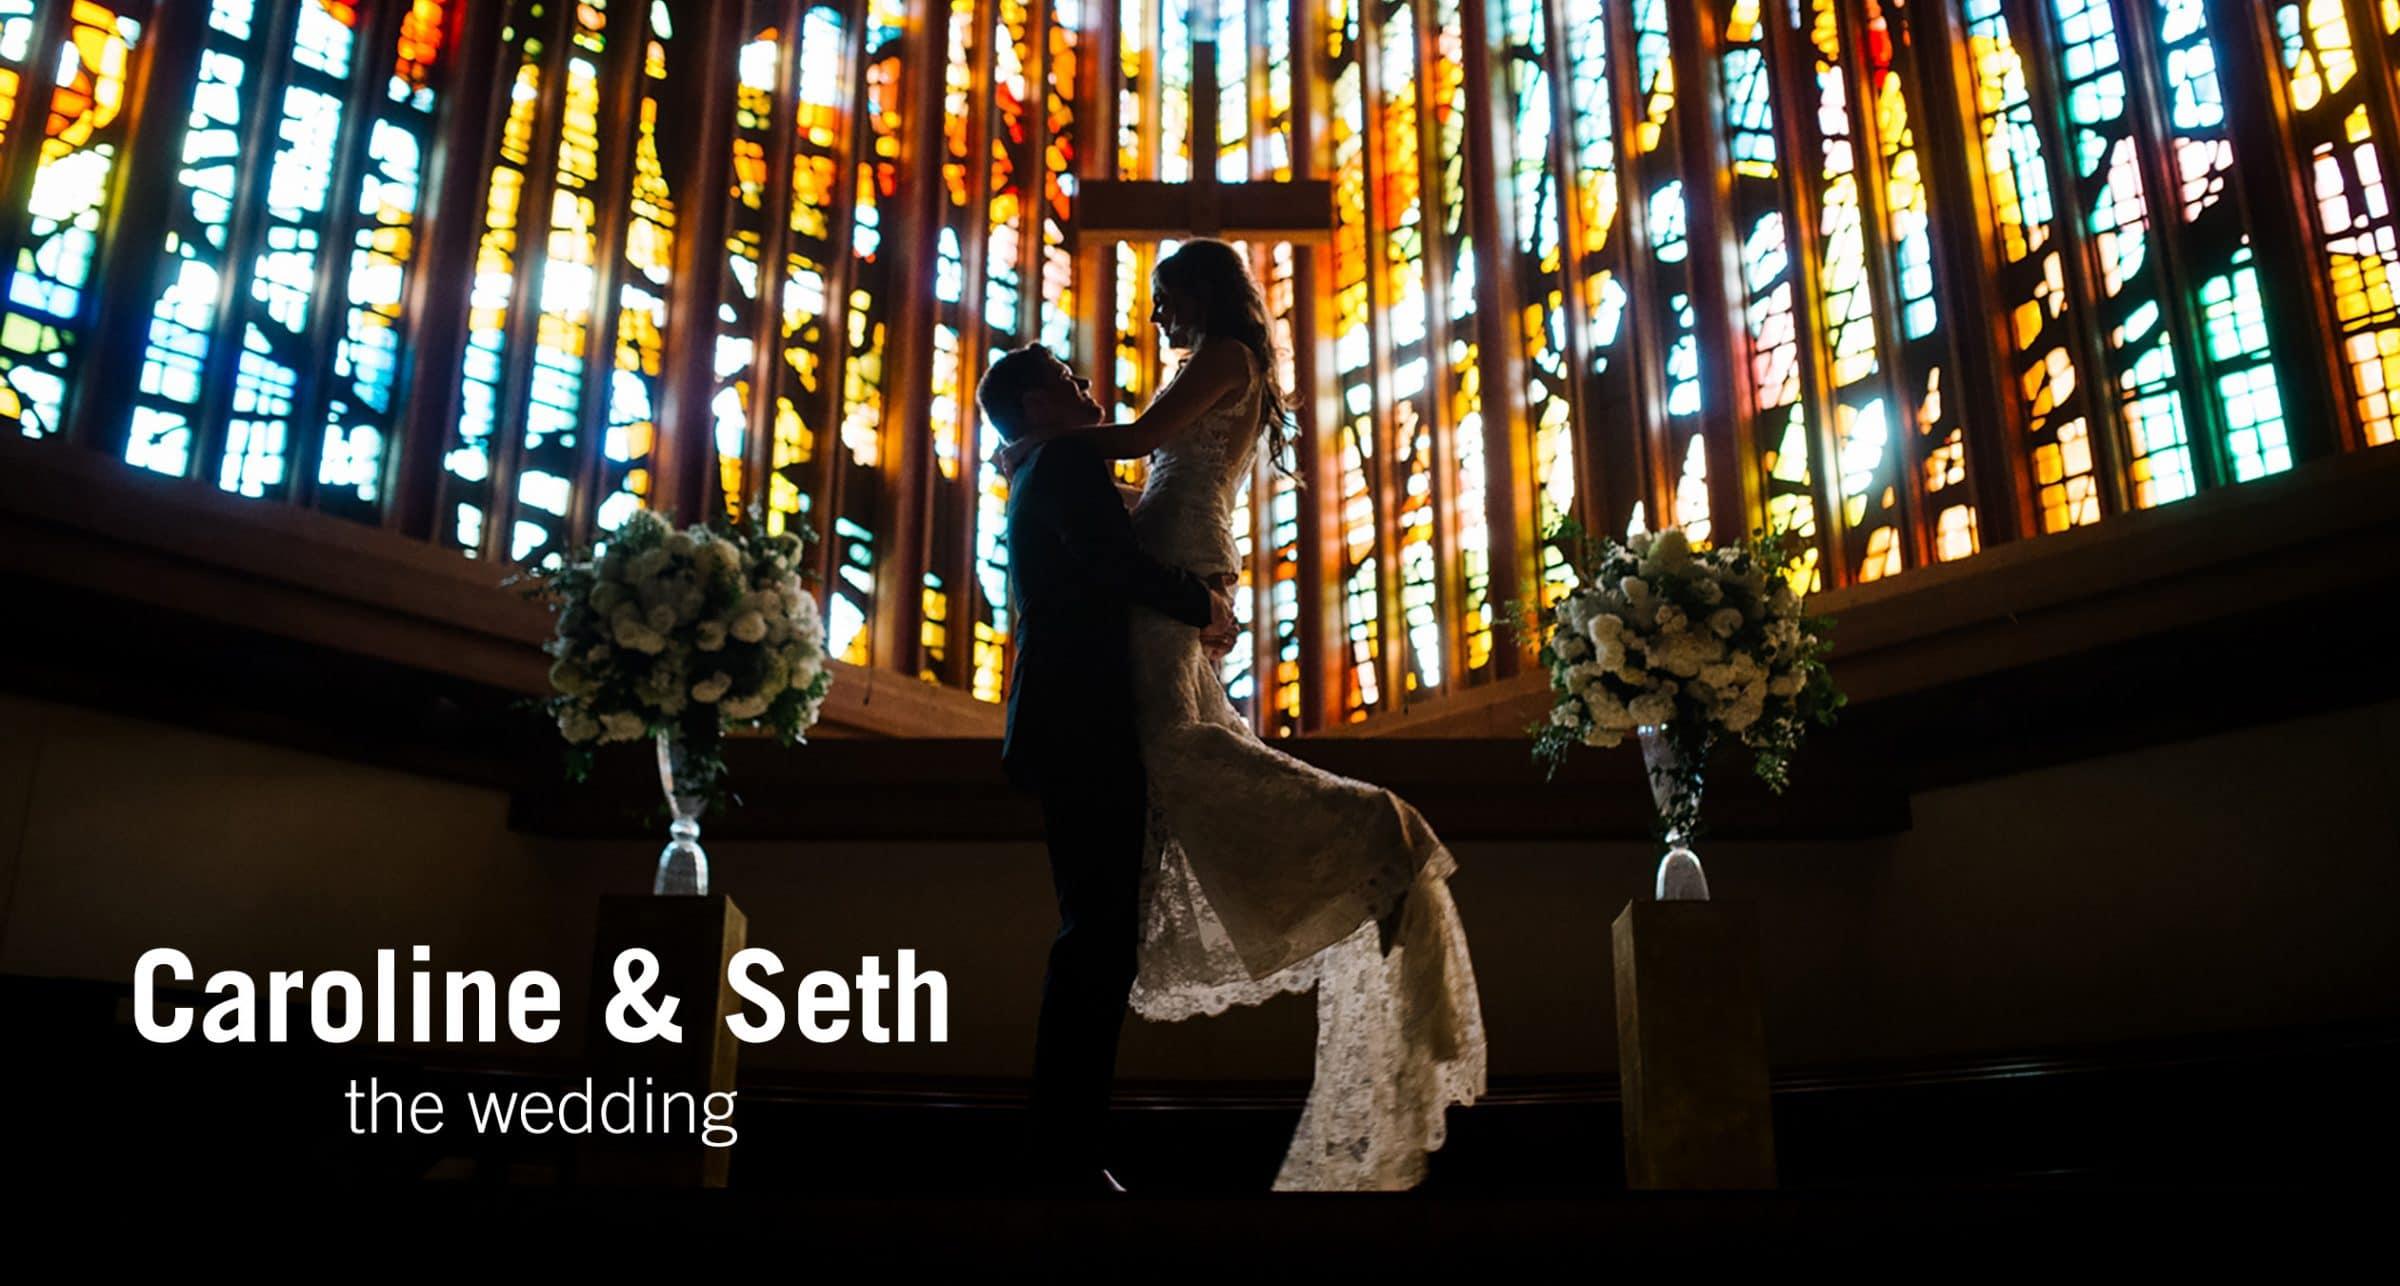 Caroline and Seth